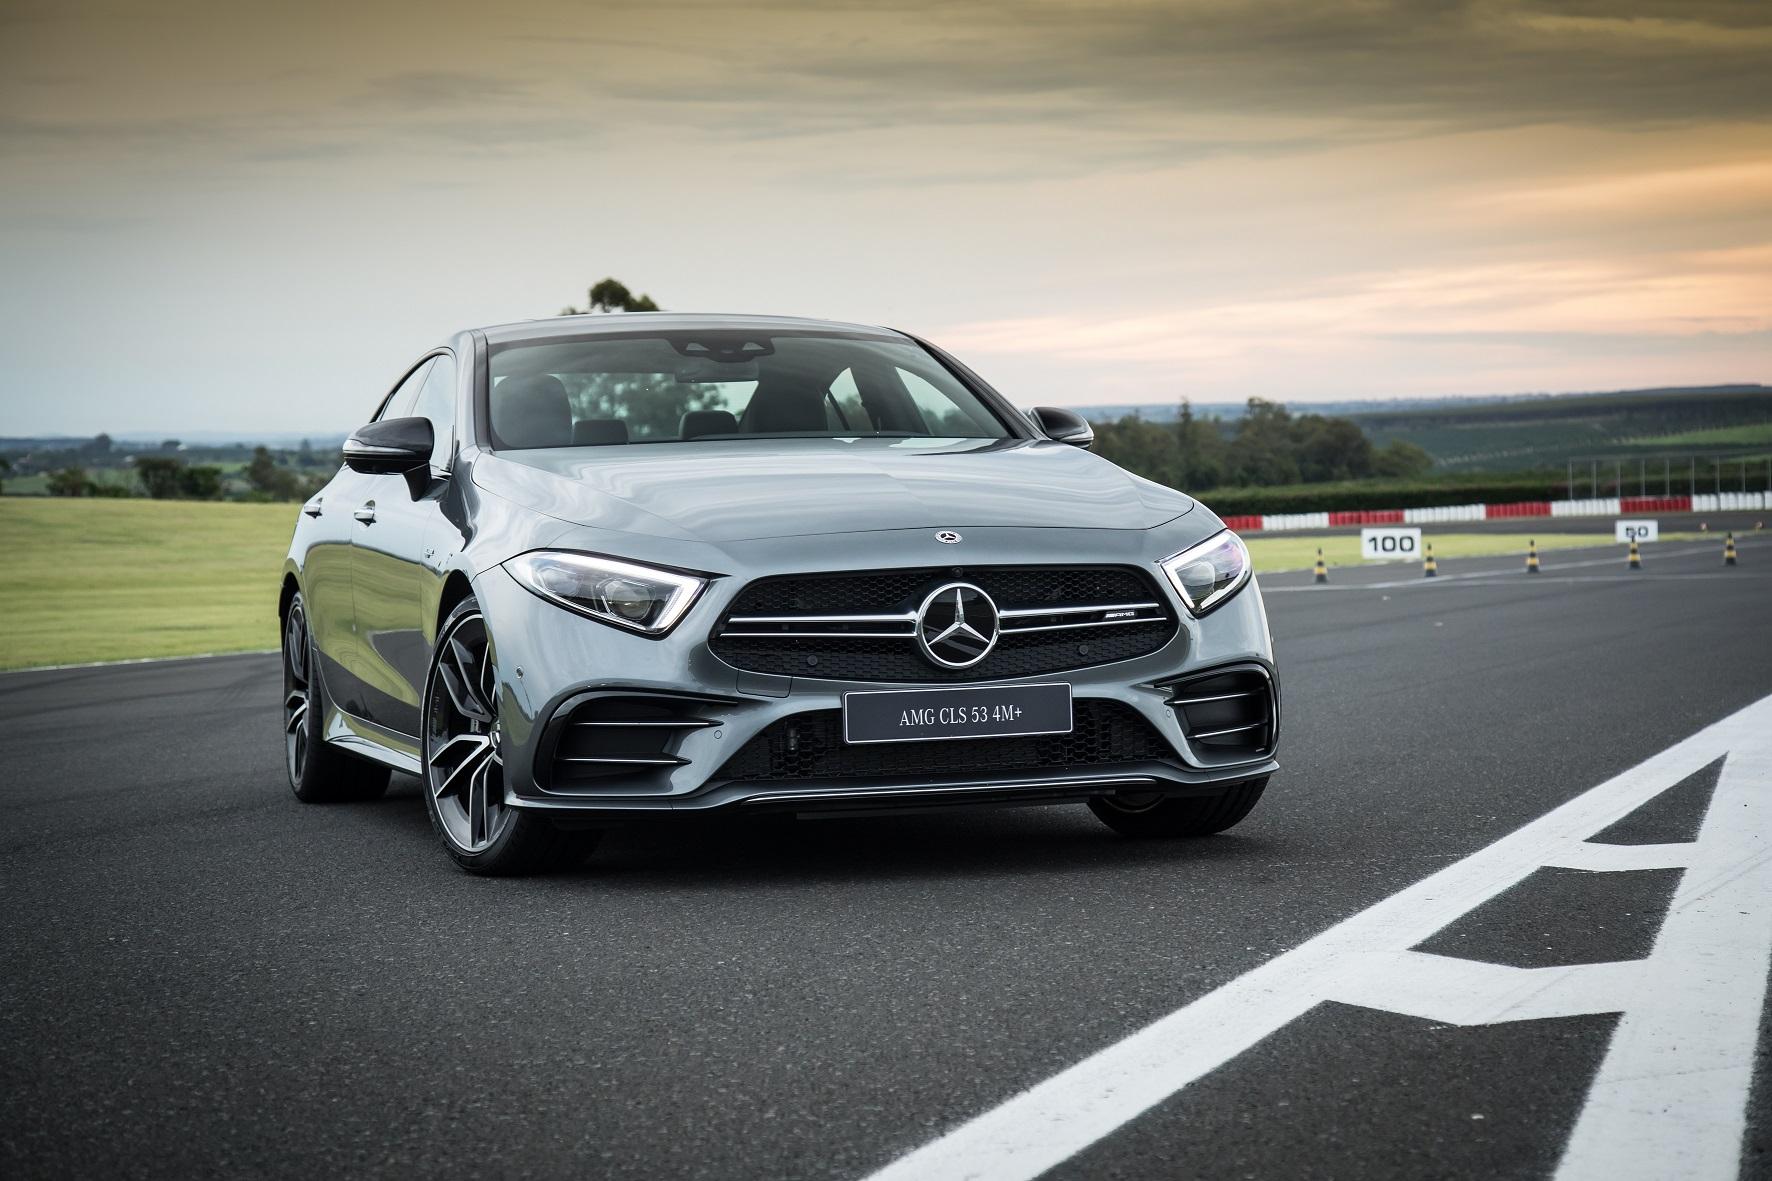 Mercedes AMG CLS 53 4Motion acaba de chegar ao mercado brasileiro, por R$ 599,9 mil; e nós já o dirigimos do autódromo Velo Città